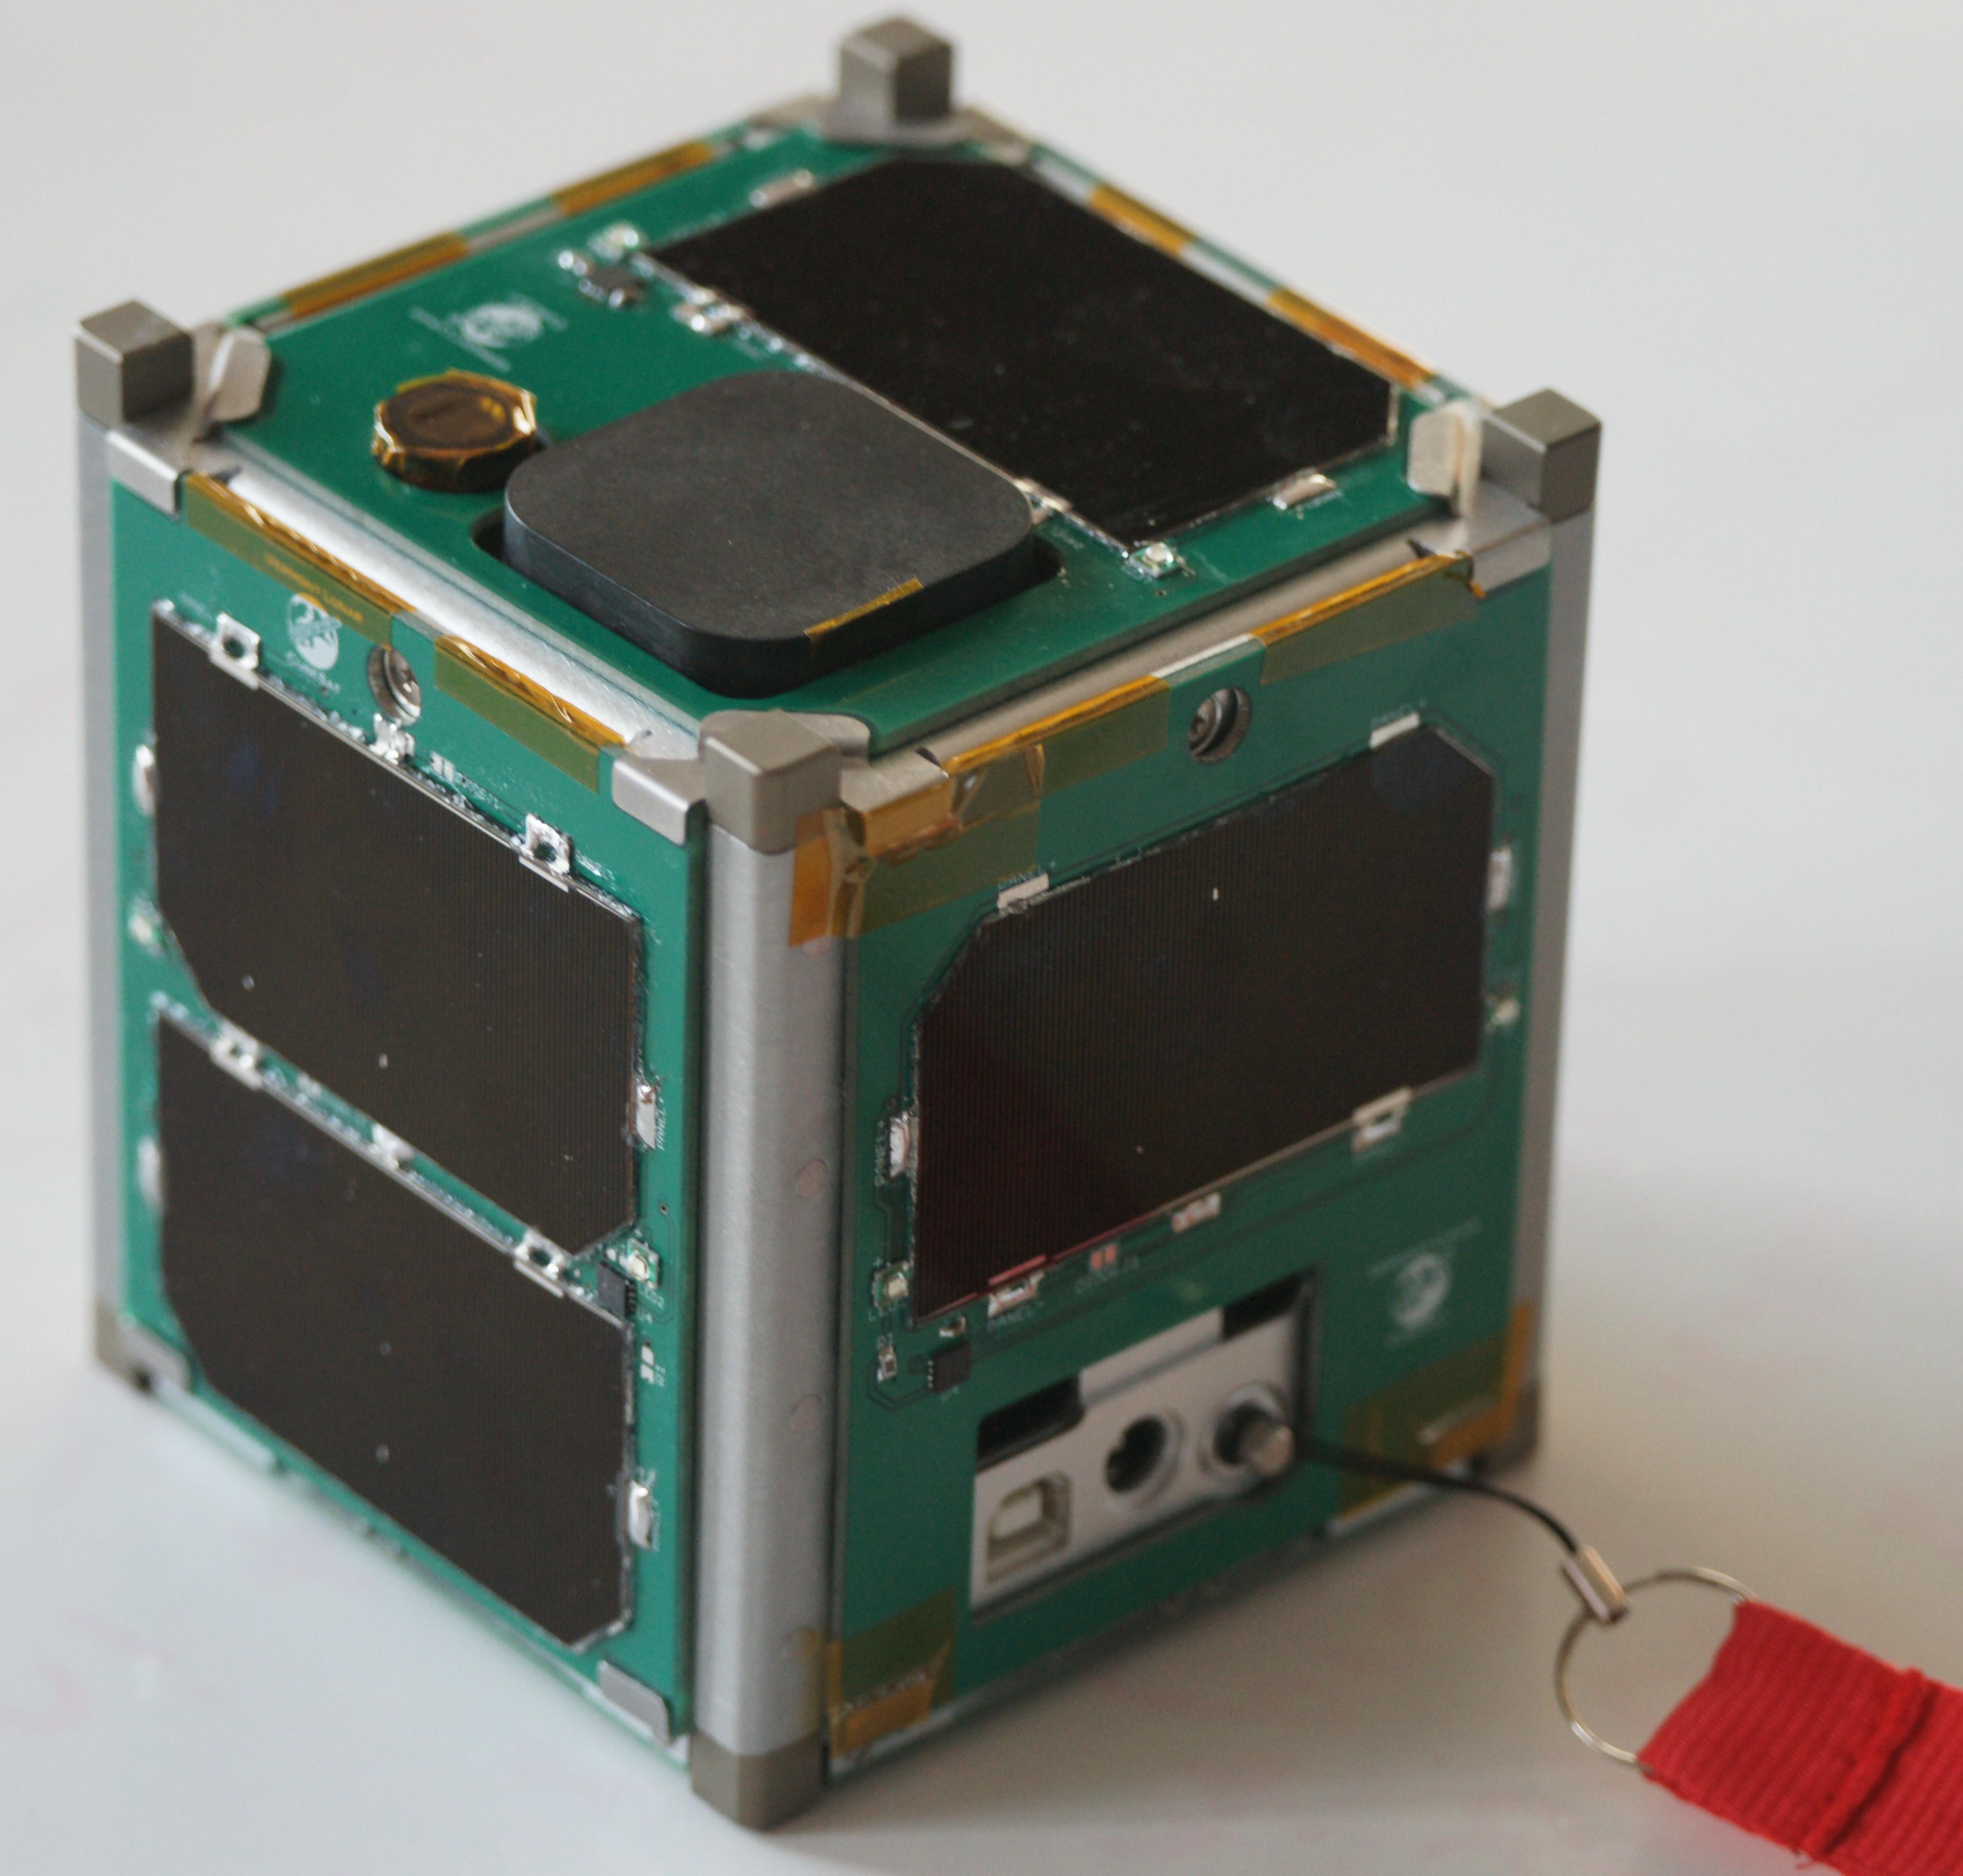 Satellieten redden en de wet ruimtevaartactiviteiten